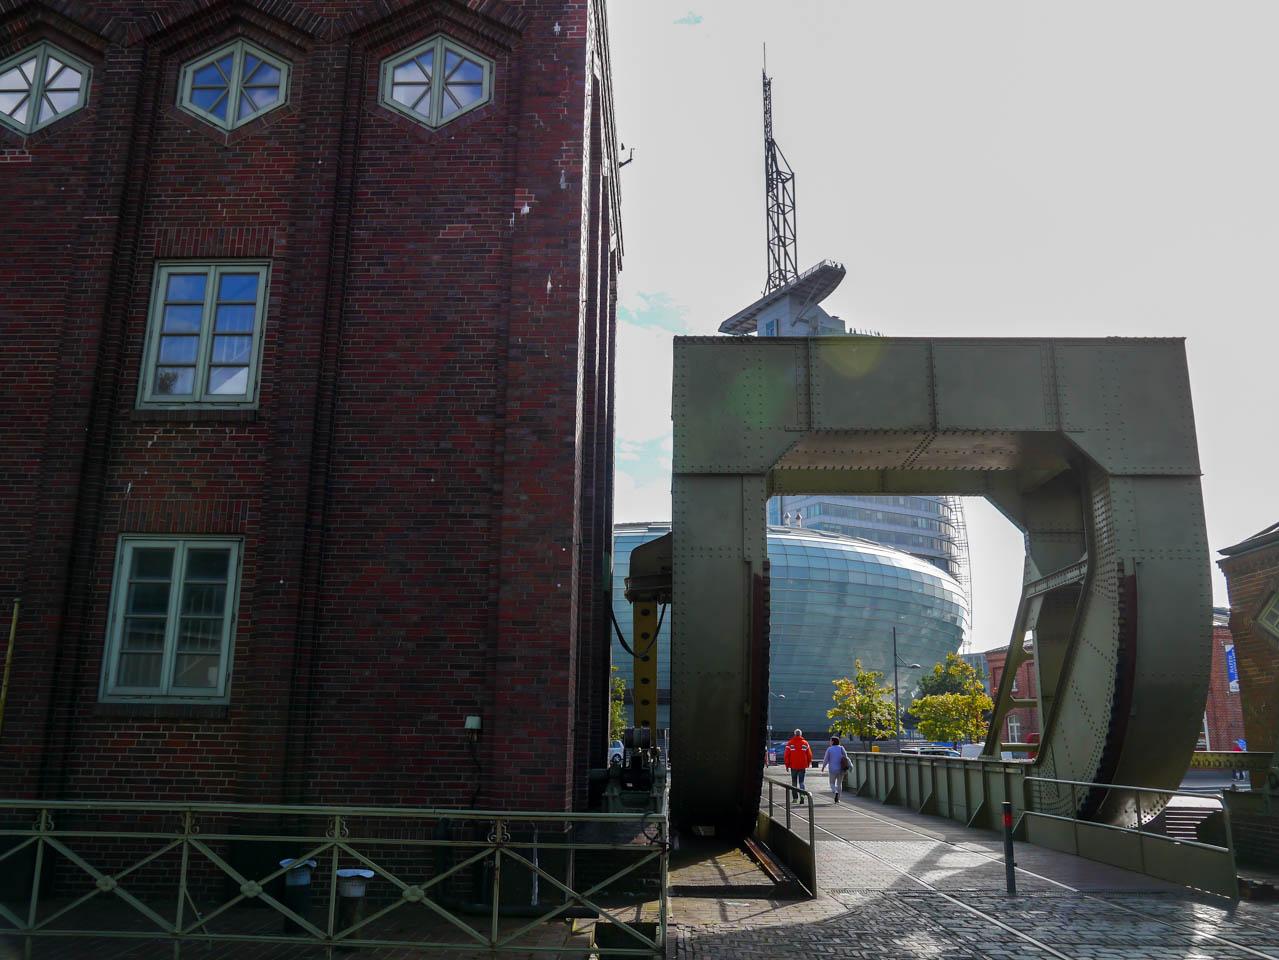 klimahaus-bremerhaven-1-von-1